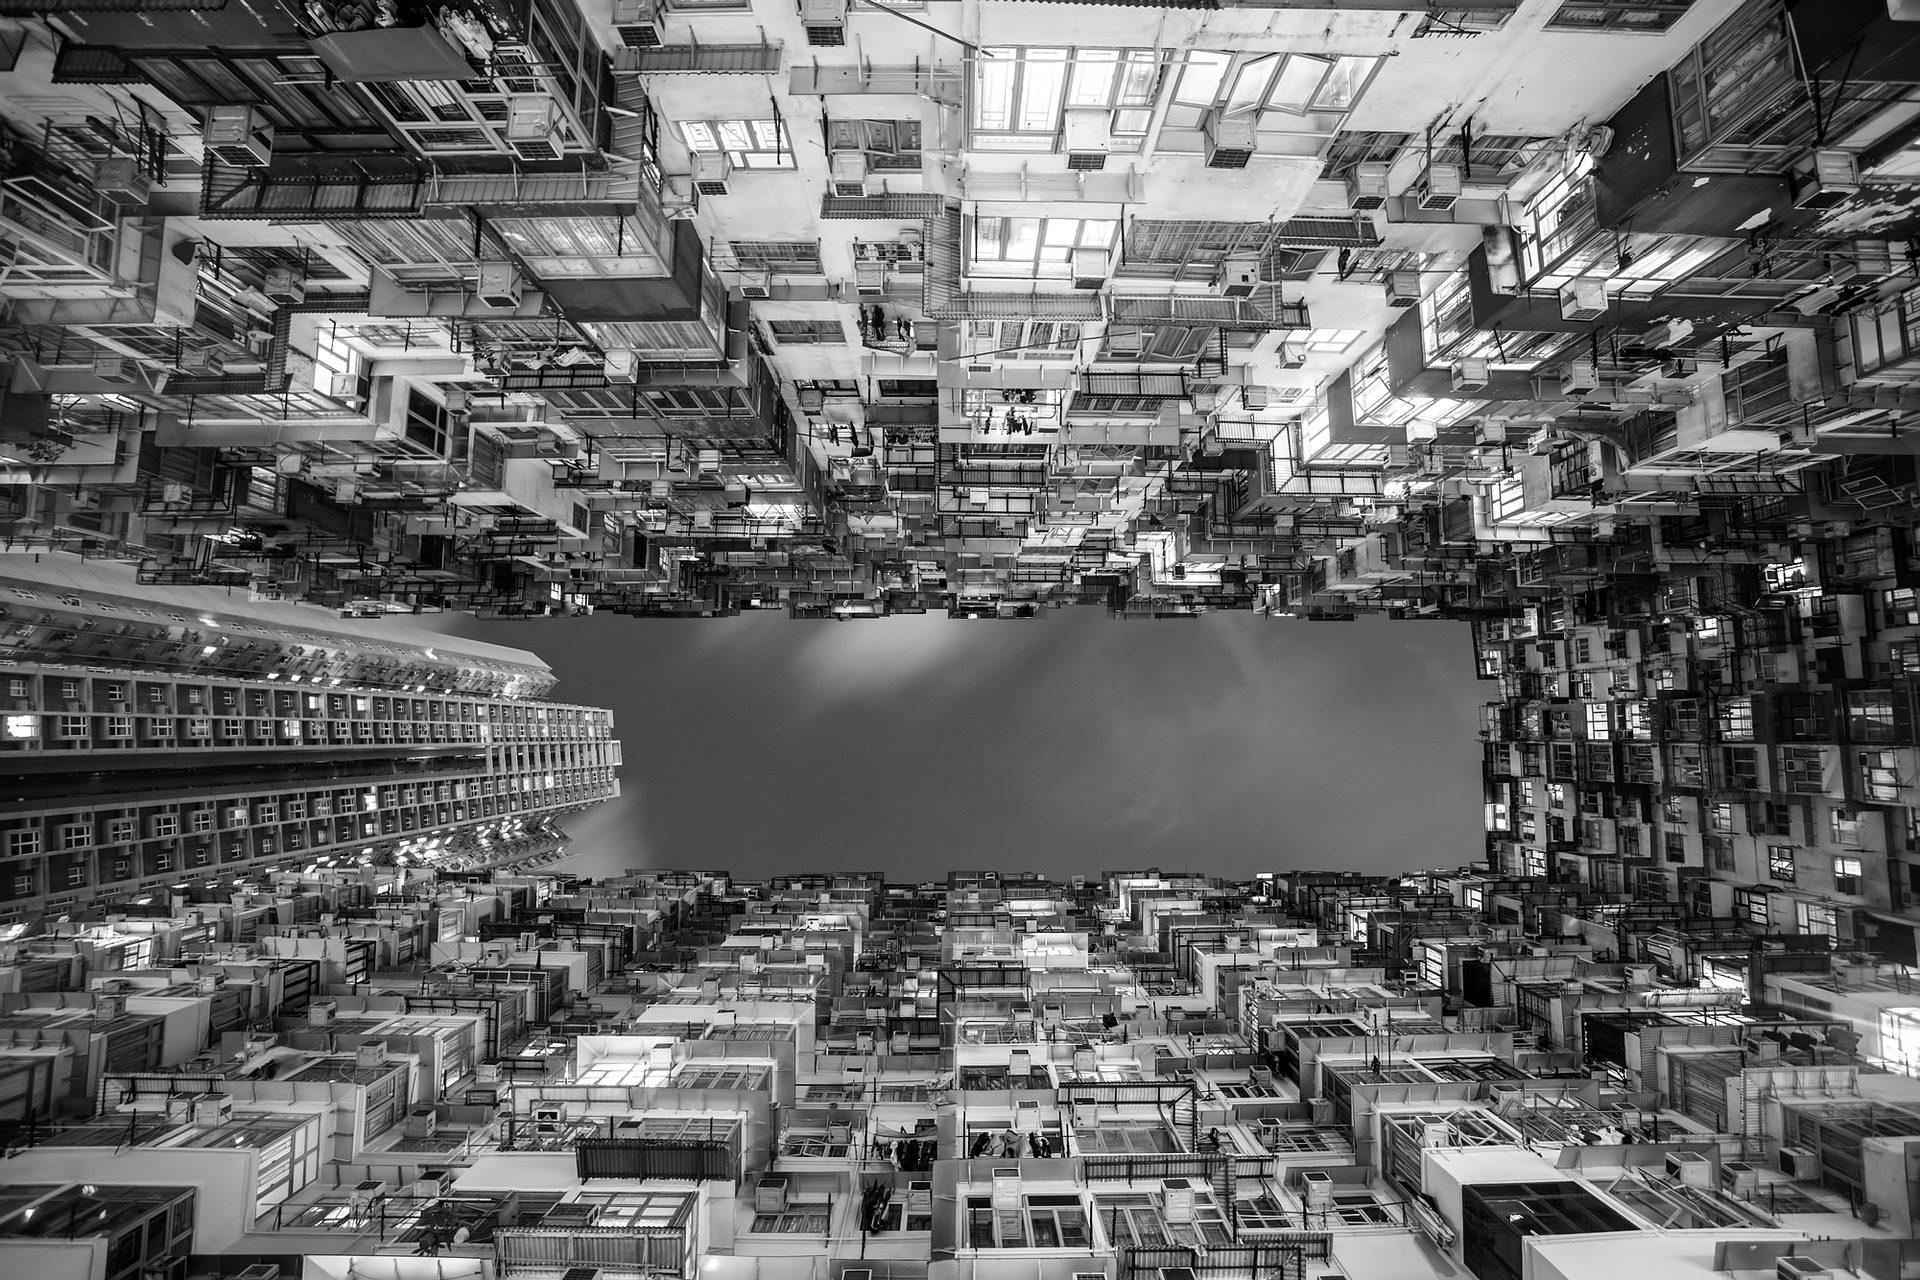 здания, улей, Агломерация, Апартаменты, Гонконг, в черно-белом - Обои HD - Профессор falken.com